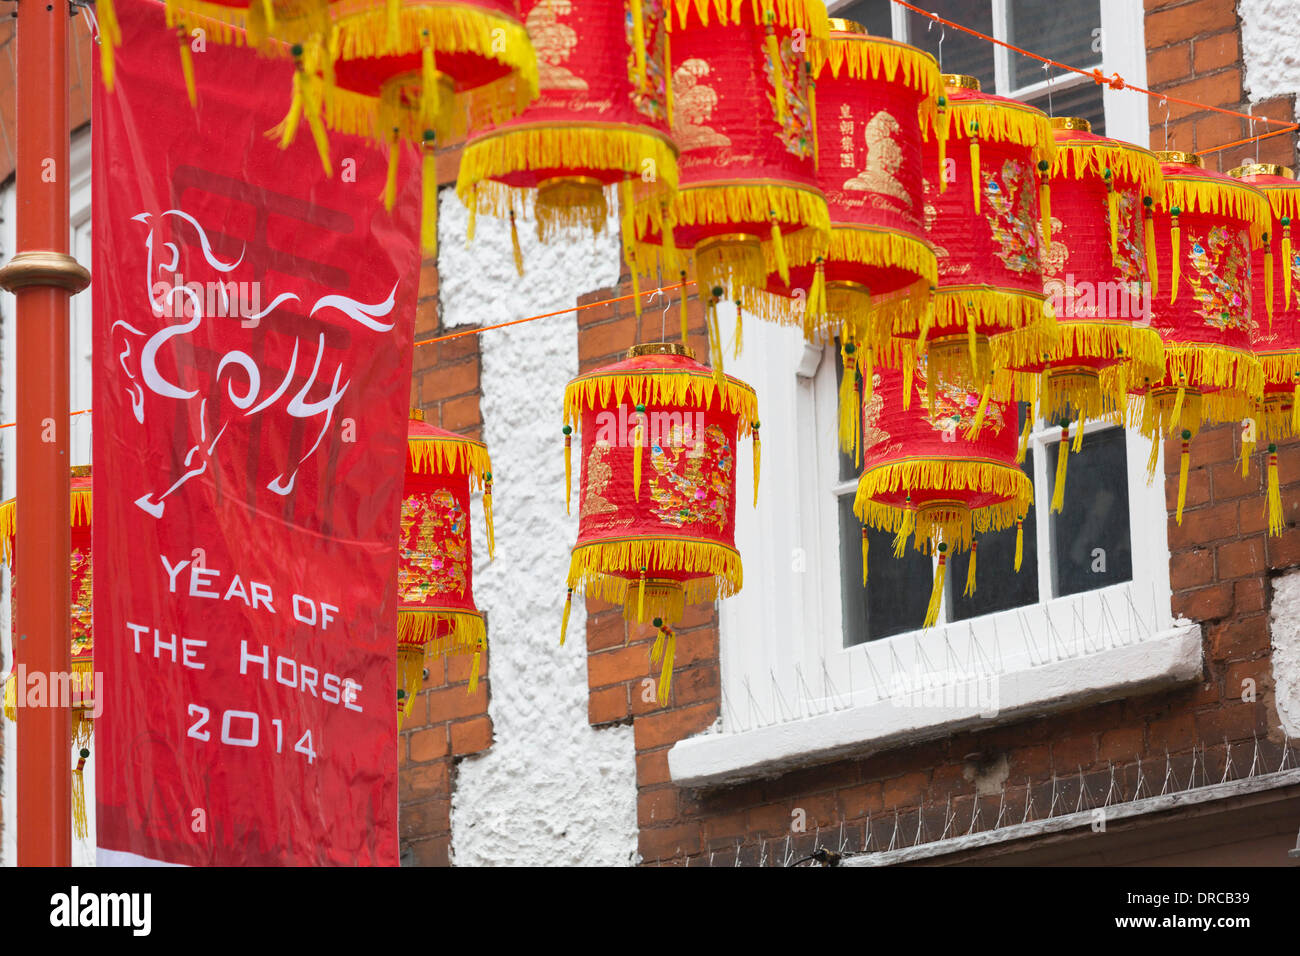 Londres, Royaume-Uni. 23 janvier 2014. Sur la photo: lanternes dans Gerrard Street. Avec le Nouvel An chinois célébré le 31 janvier 2014, les décorations sont en hausse partout dans le quartier chinois de Londres. Londres célèbre l 'année du cheval' avec un défilé et festivités dans et autour de Leicester Square et Trafalgar Square et Chinatown, le dimanche 2 février 2014. Credit: Nick Savage/Alamy Live News Photo Stock